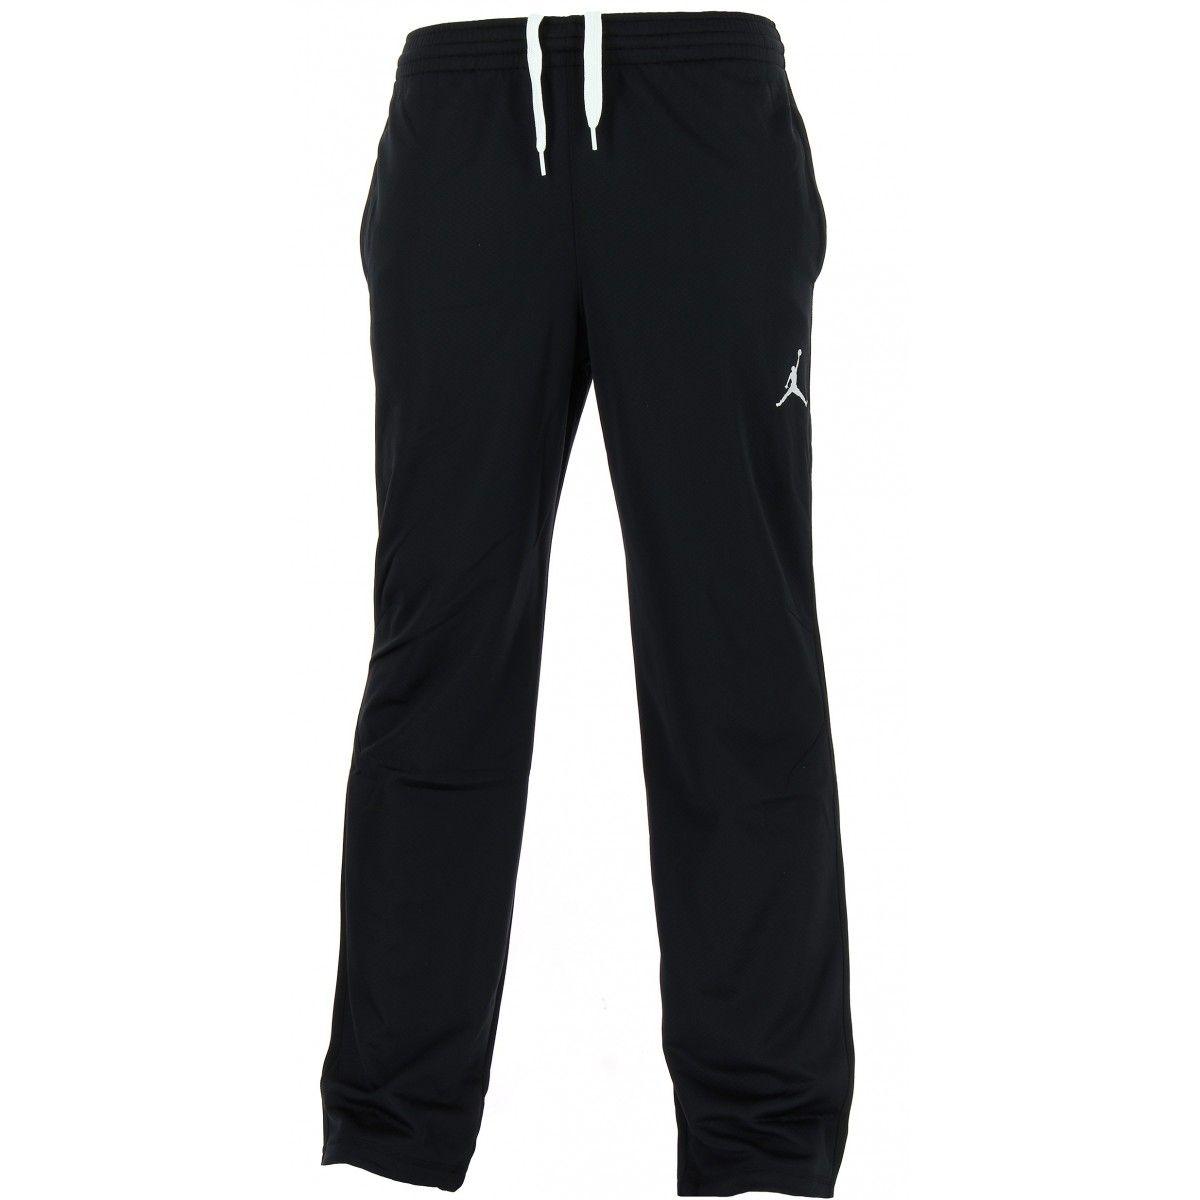 Pantalon de survêtement Nike Jordan Dominate 2 - 624268-010